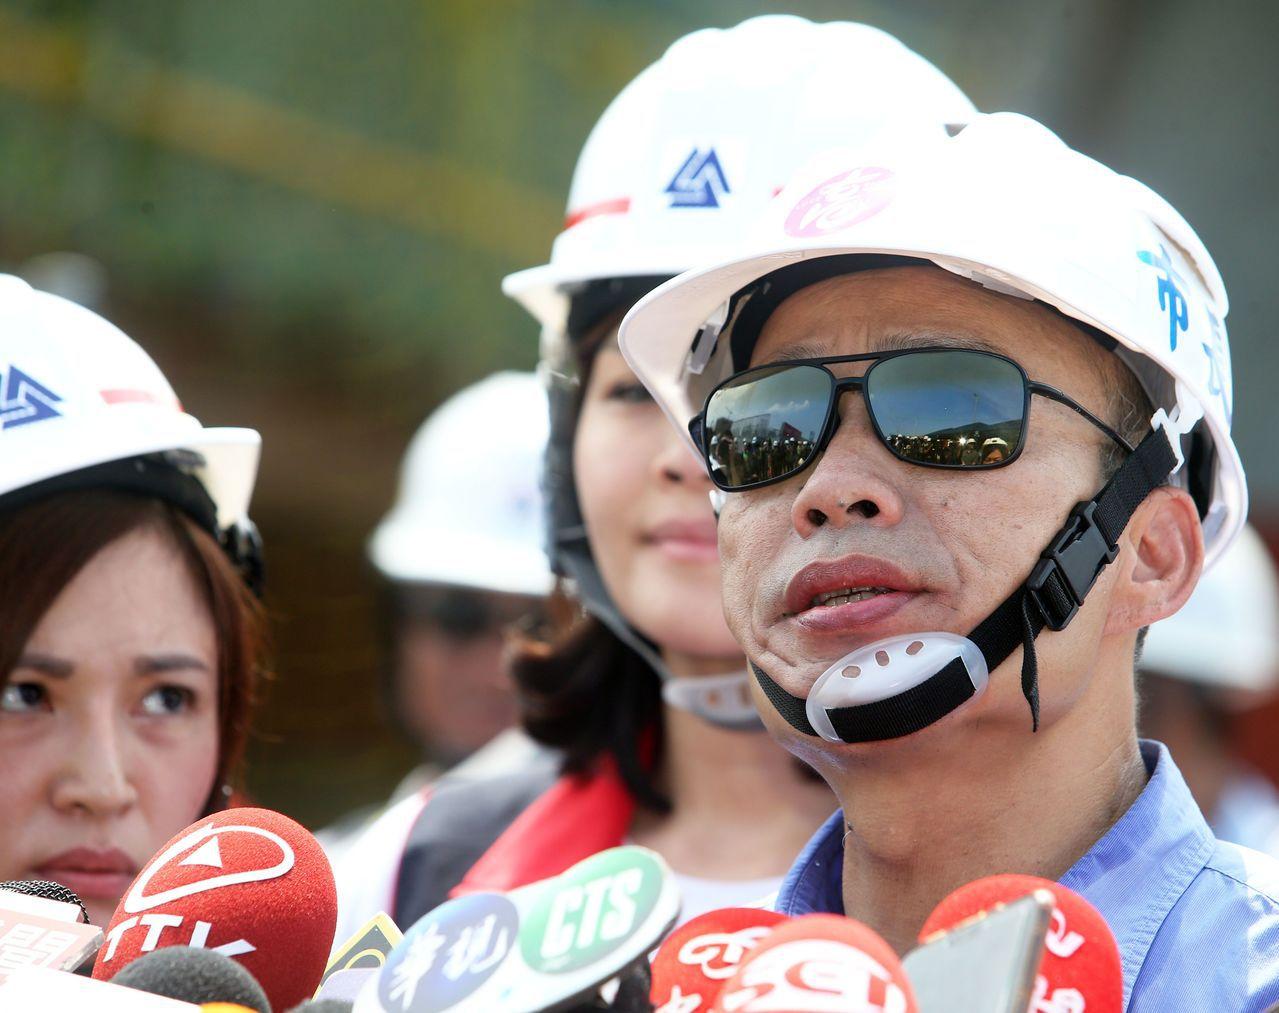 白鹿颱風直撲台灣而來,高雄市長韓國瑜今天表示,周日不去台中選舉造勢了,要留守高雄...